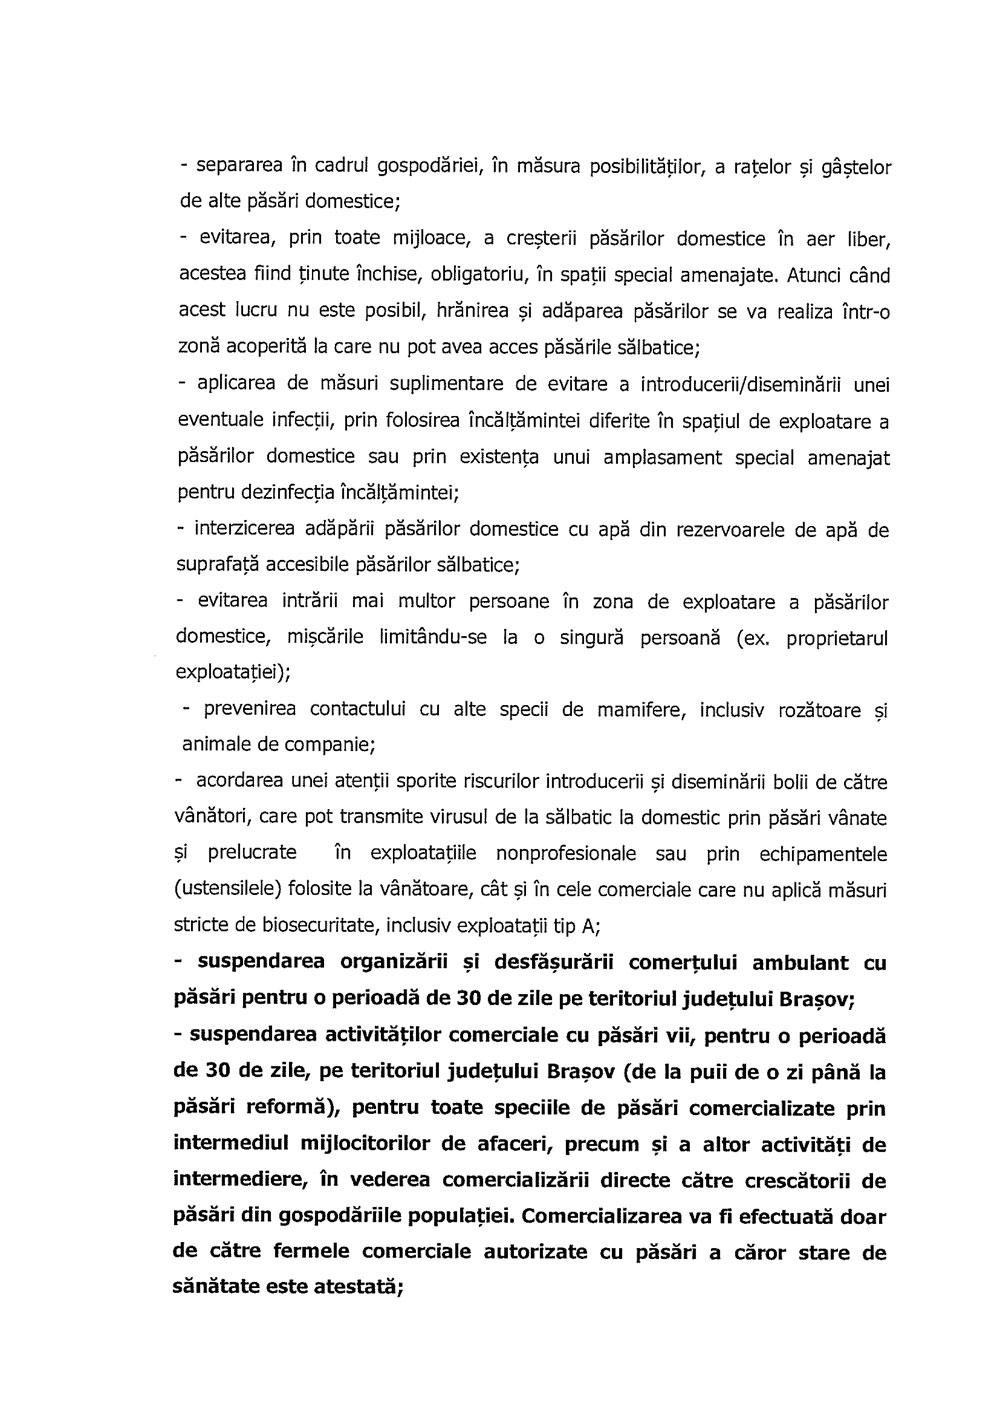 Hotărârea nr.7 din 10.05.2021 a CLCB Brașov